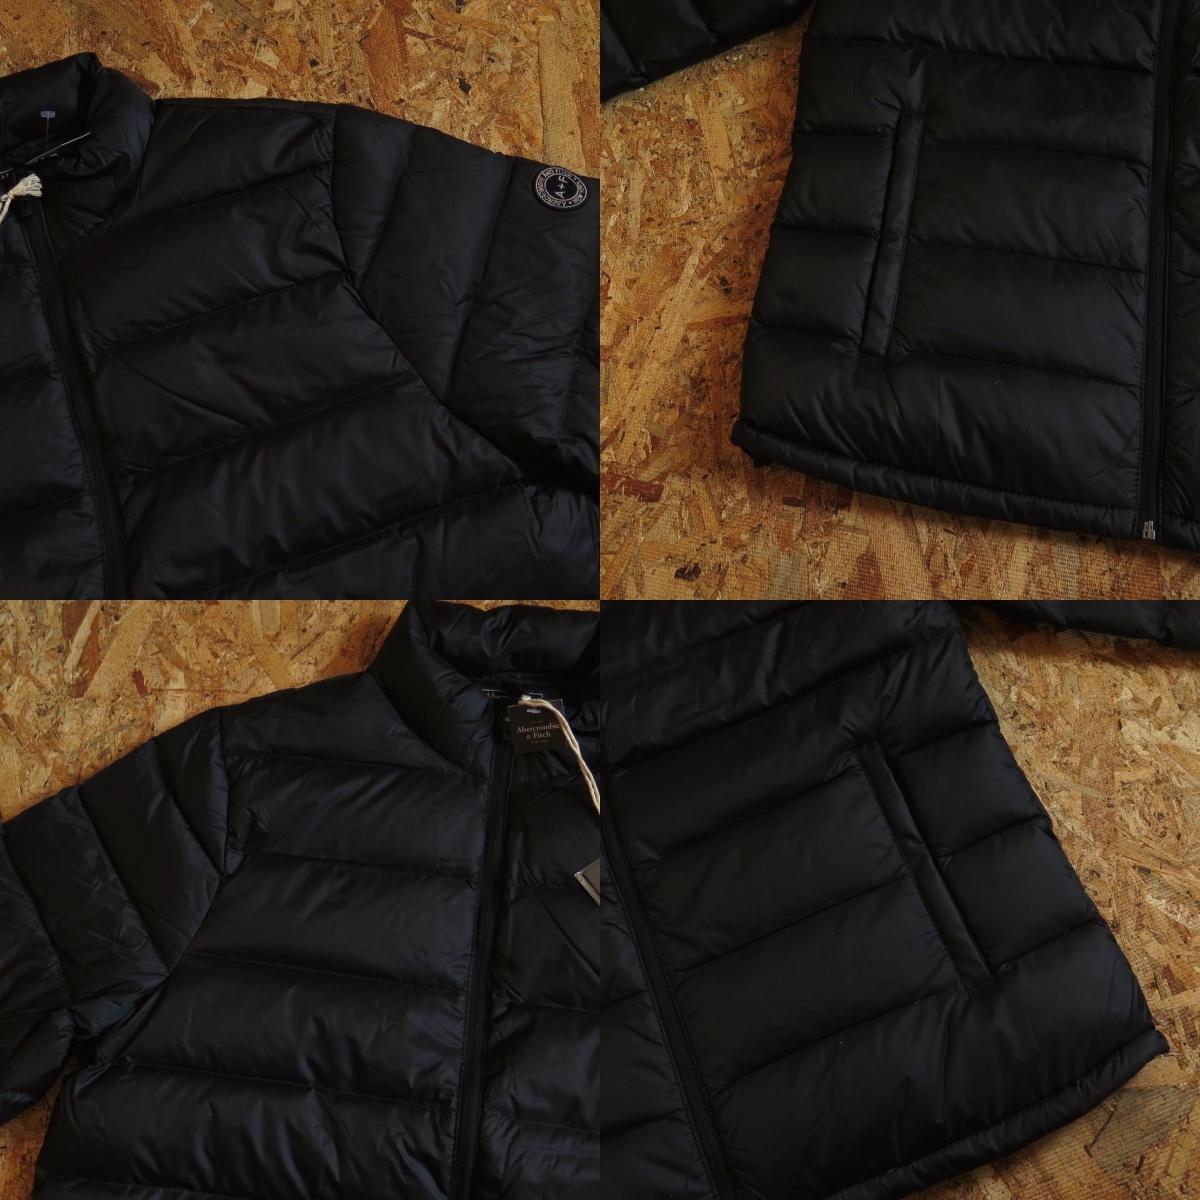 新品☆本物 NY購入 Abercrombie & Fitch Light Weight Down Jacket Mサイズ BLACK/黒 アバクロ ライトウェイト ダウンジャケット_画像6